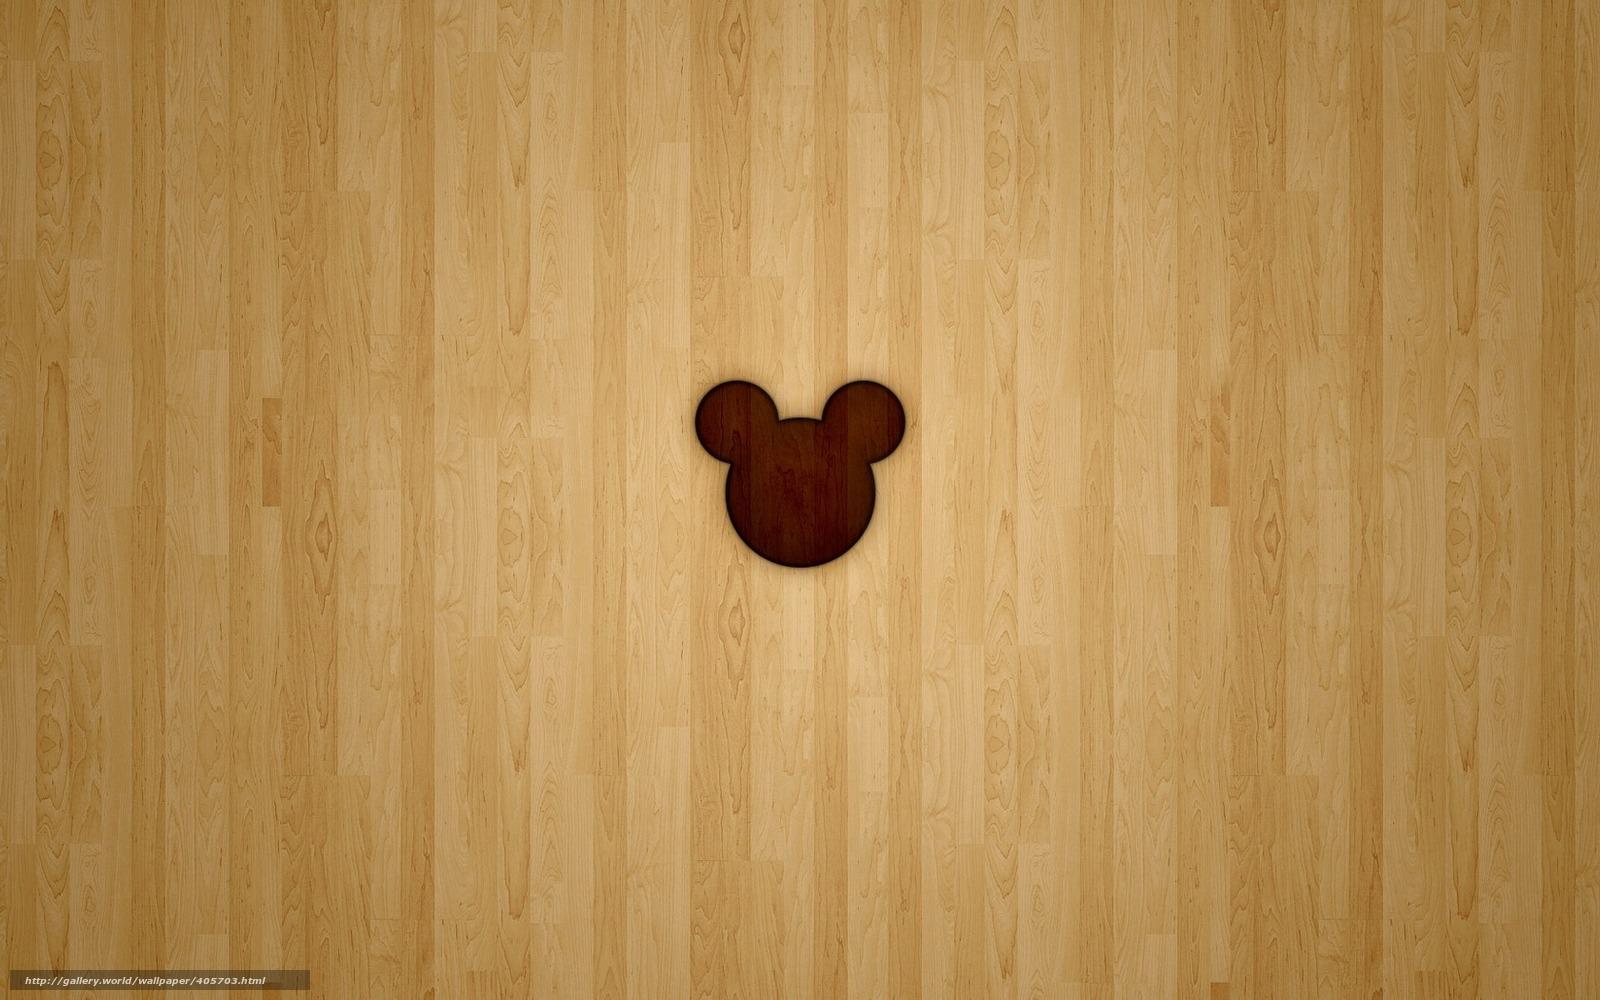 Tlcharger Fond d'ecran Mickey Mouse, arbre Fonds d'ecran ...